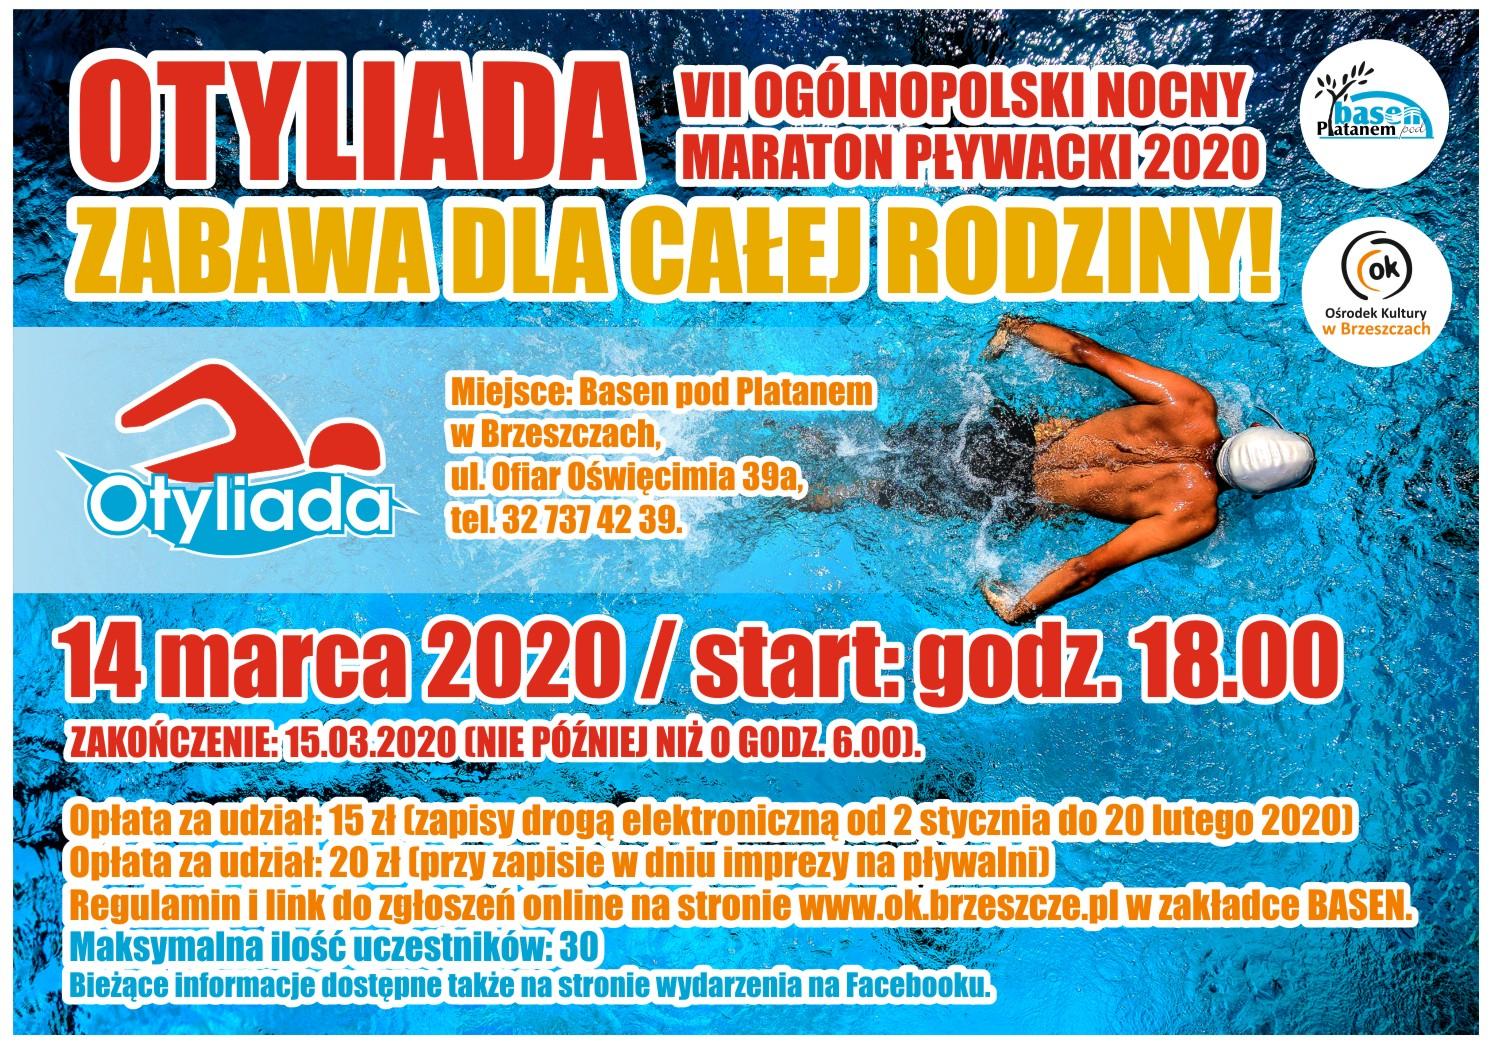 Vii Ogólnopolski Nocny Marator Pływacki 2020